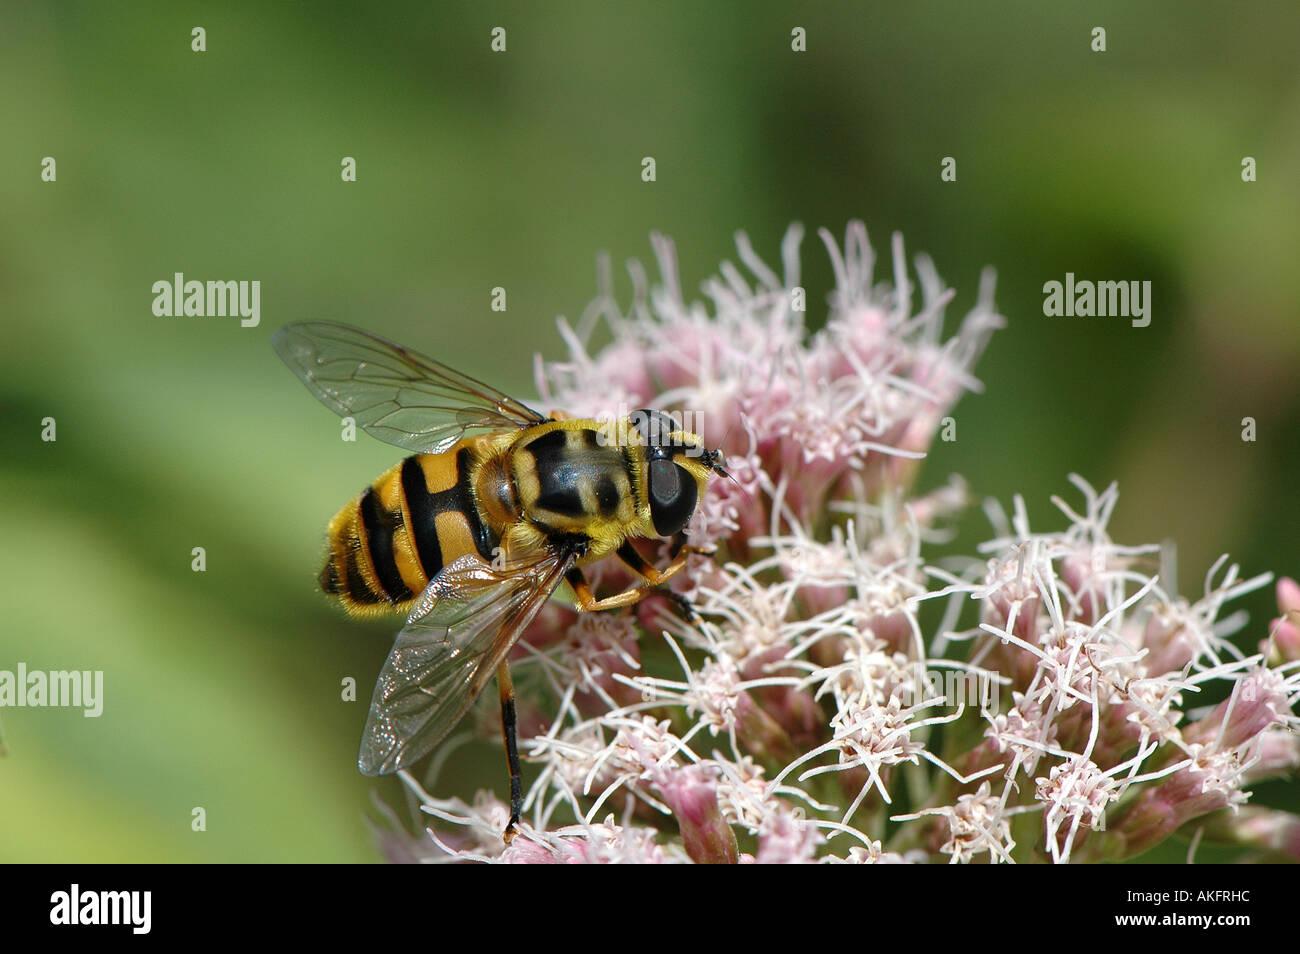 Hover fly - Milsea Crabroniformis Stock Photo: 8564827 - Alamy